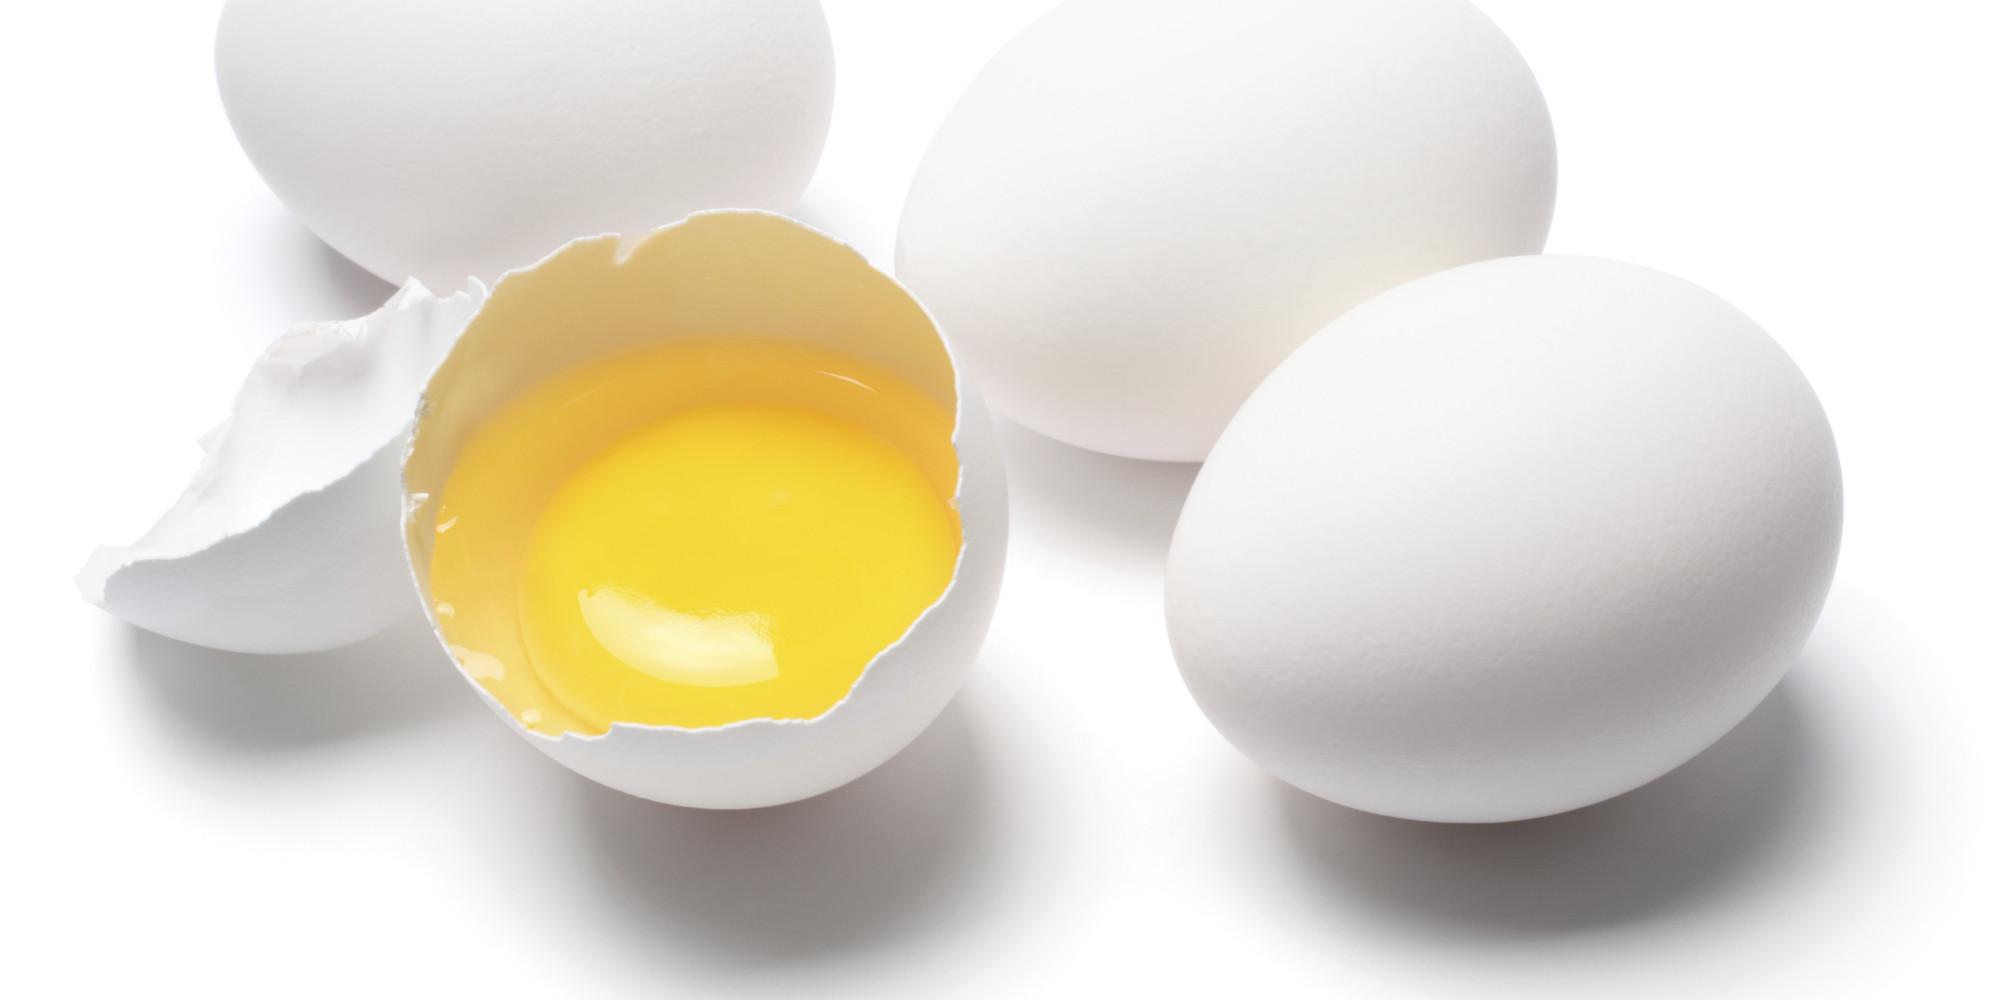 Estos son los peligros de comer claras del huevo sin las for Cocinar yema de huevo